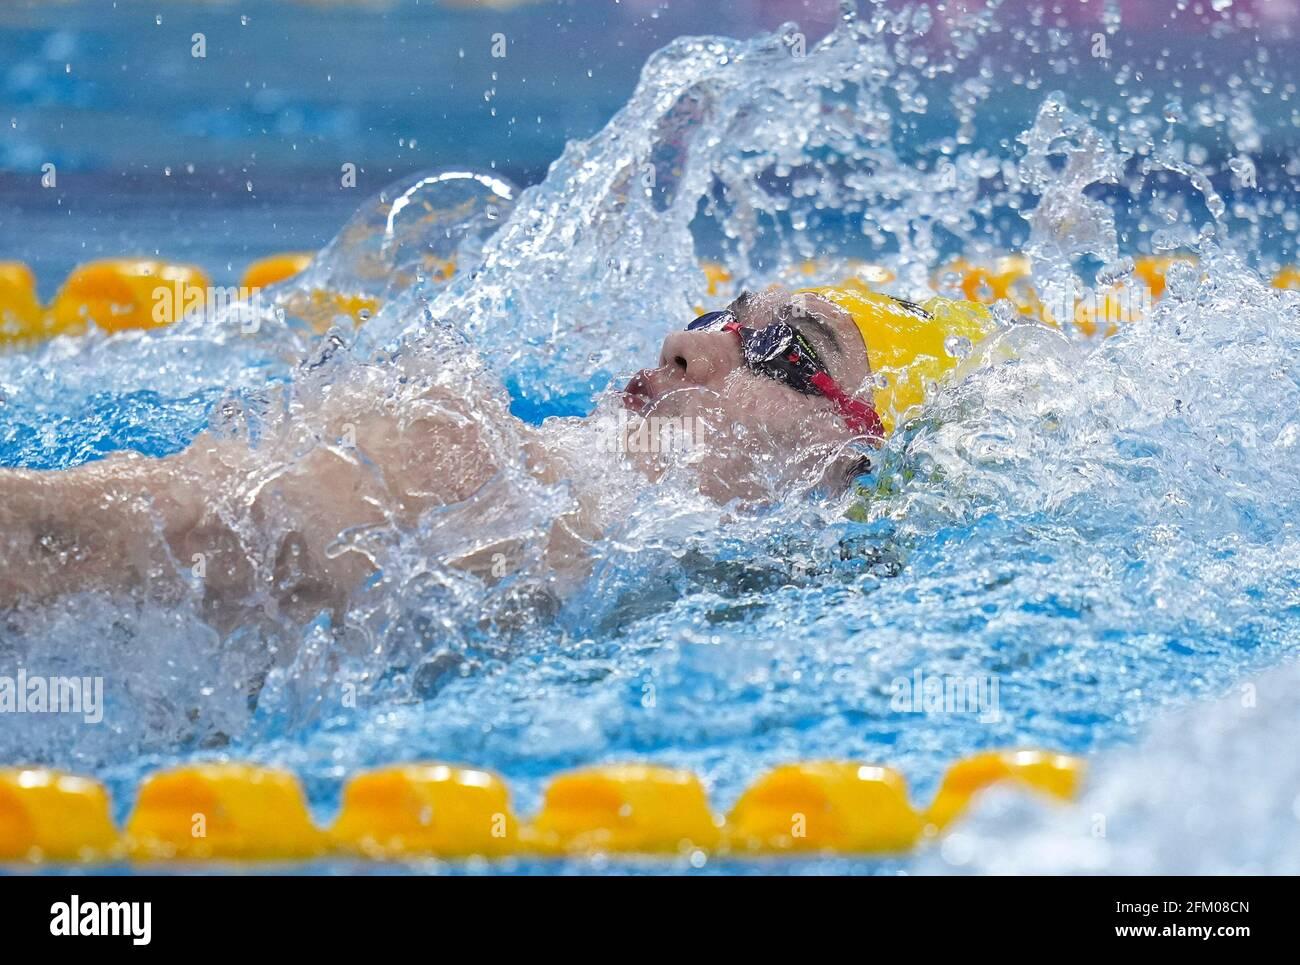 Qingdao, China. 5th de mayo de 2021. Xu Jiayu de Zhejiang compite durante la semifinal de backstroke de 200m en el Campeonato Nacional Chino de Natación de 2021 en Qingdao, China oriental, 5 de mayo de 2021. Crédito: Xu Chang/Xinhua/Alamy Live News Foto de stock